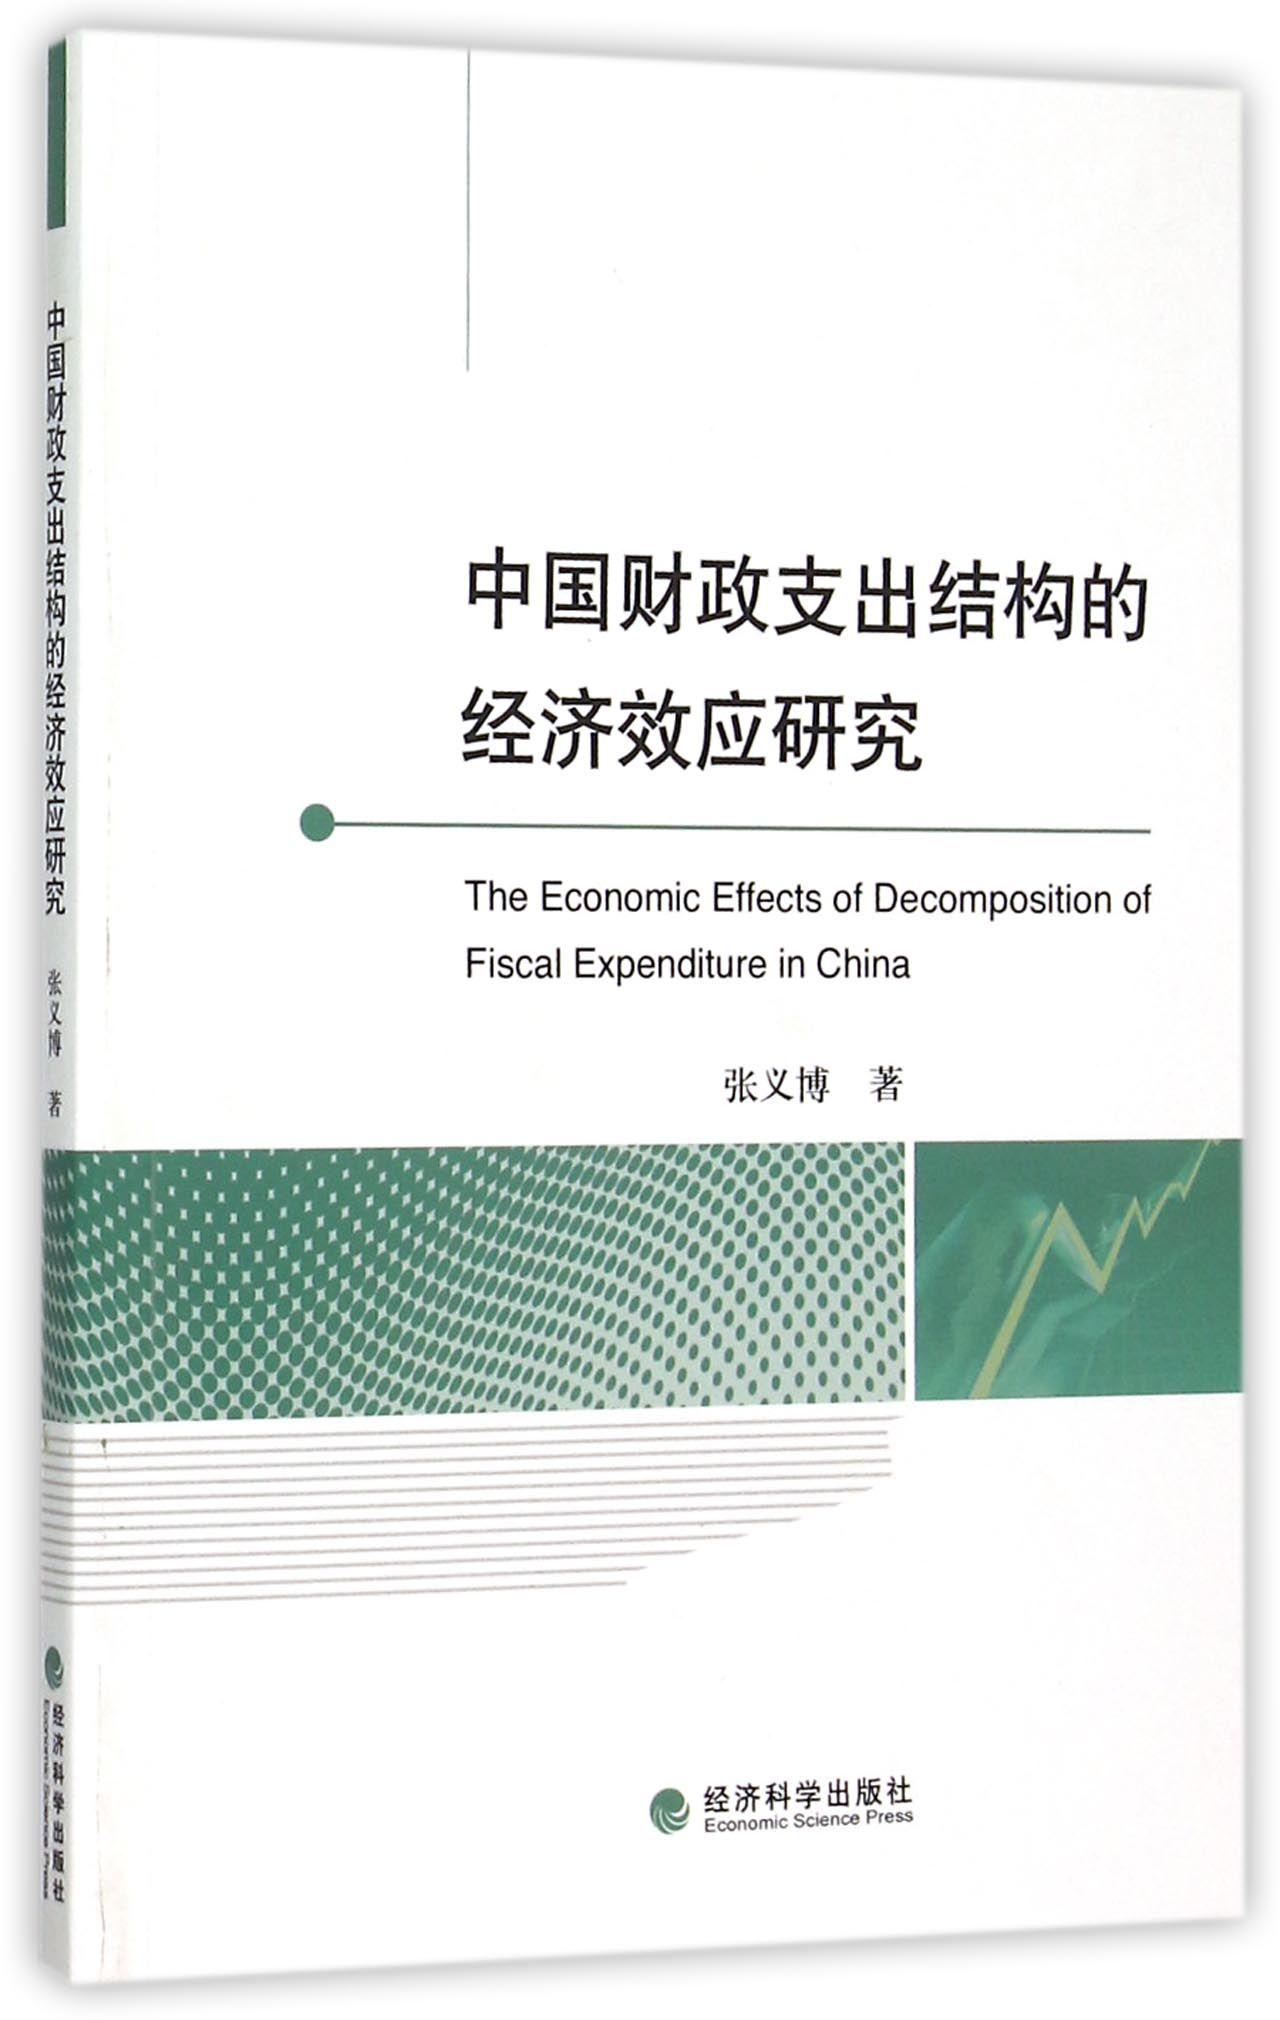 中国财政支出结构的经济效应研究